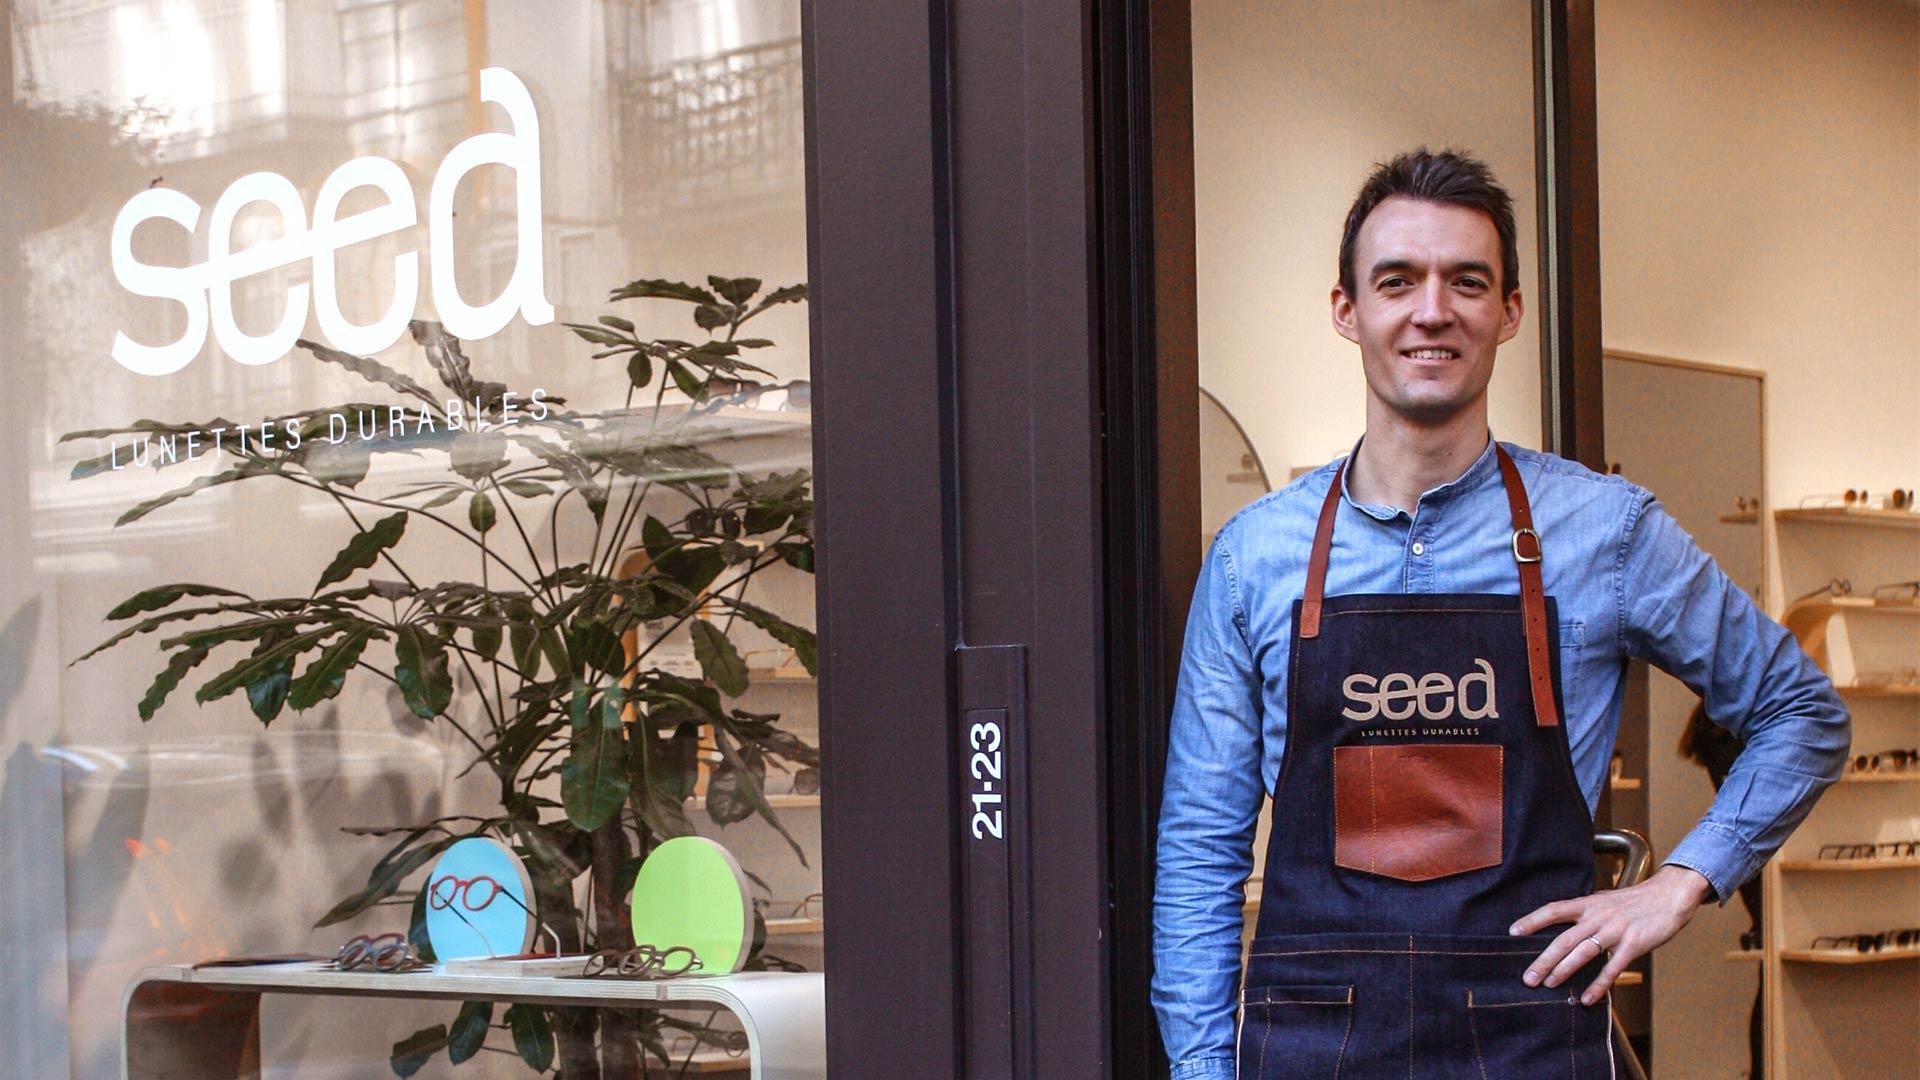 Laurent devant la vitrine de sa boutique seed